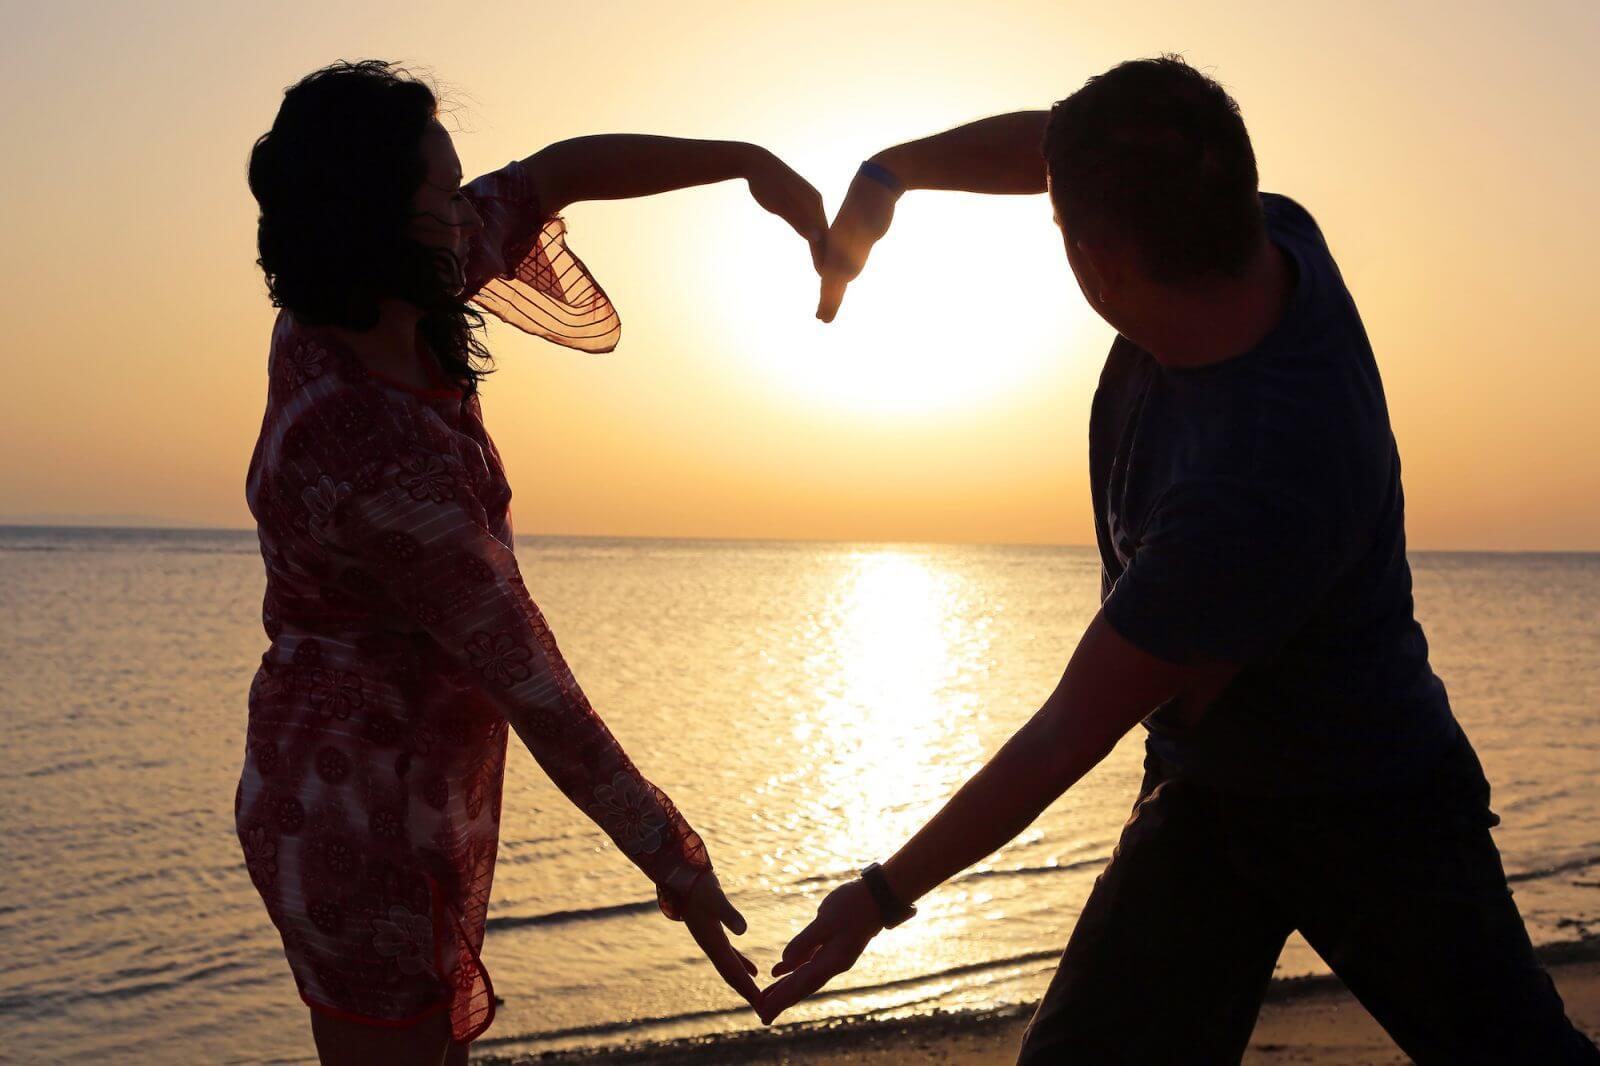 amor verdadero es para siempre